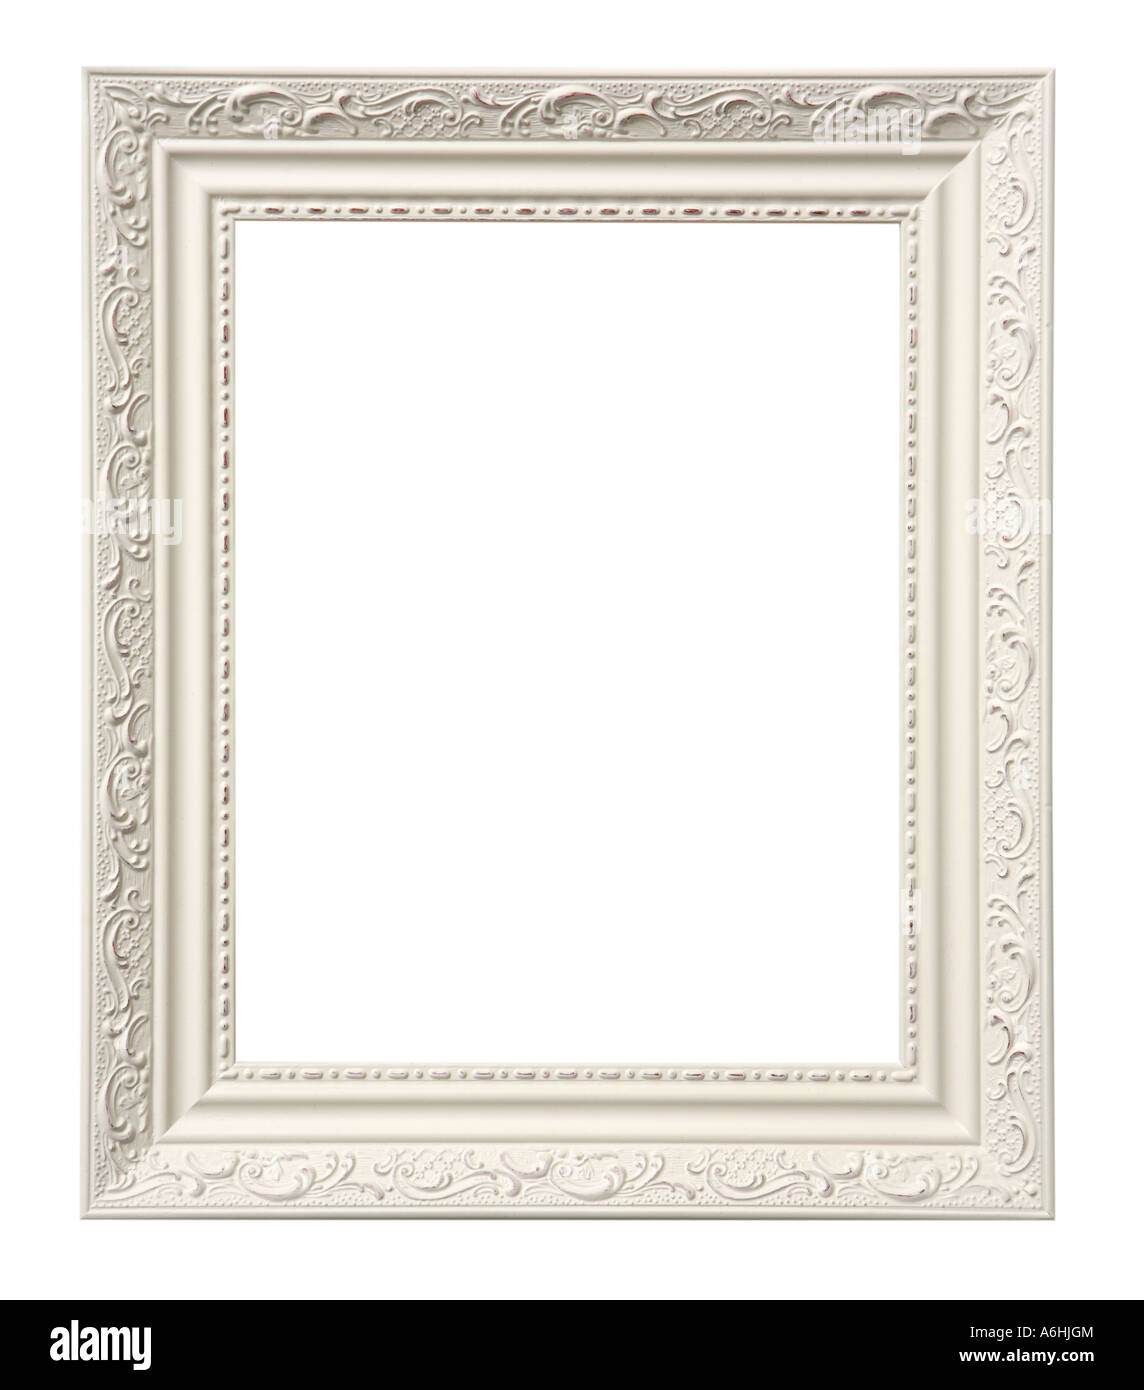 Bilderrahmen auf weißem Hintergrund ausschneiden Stockbild